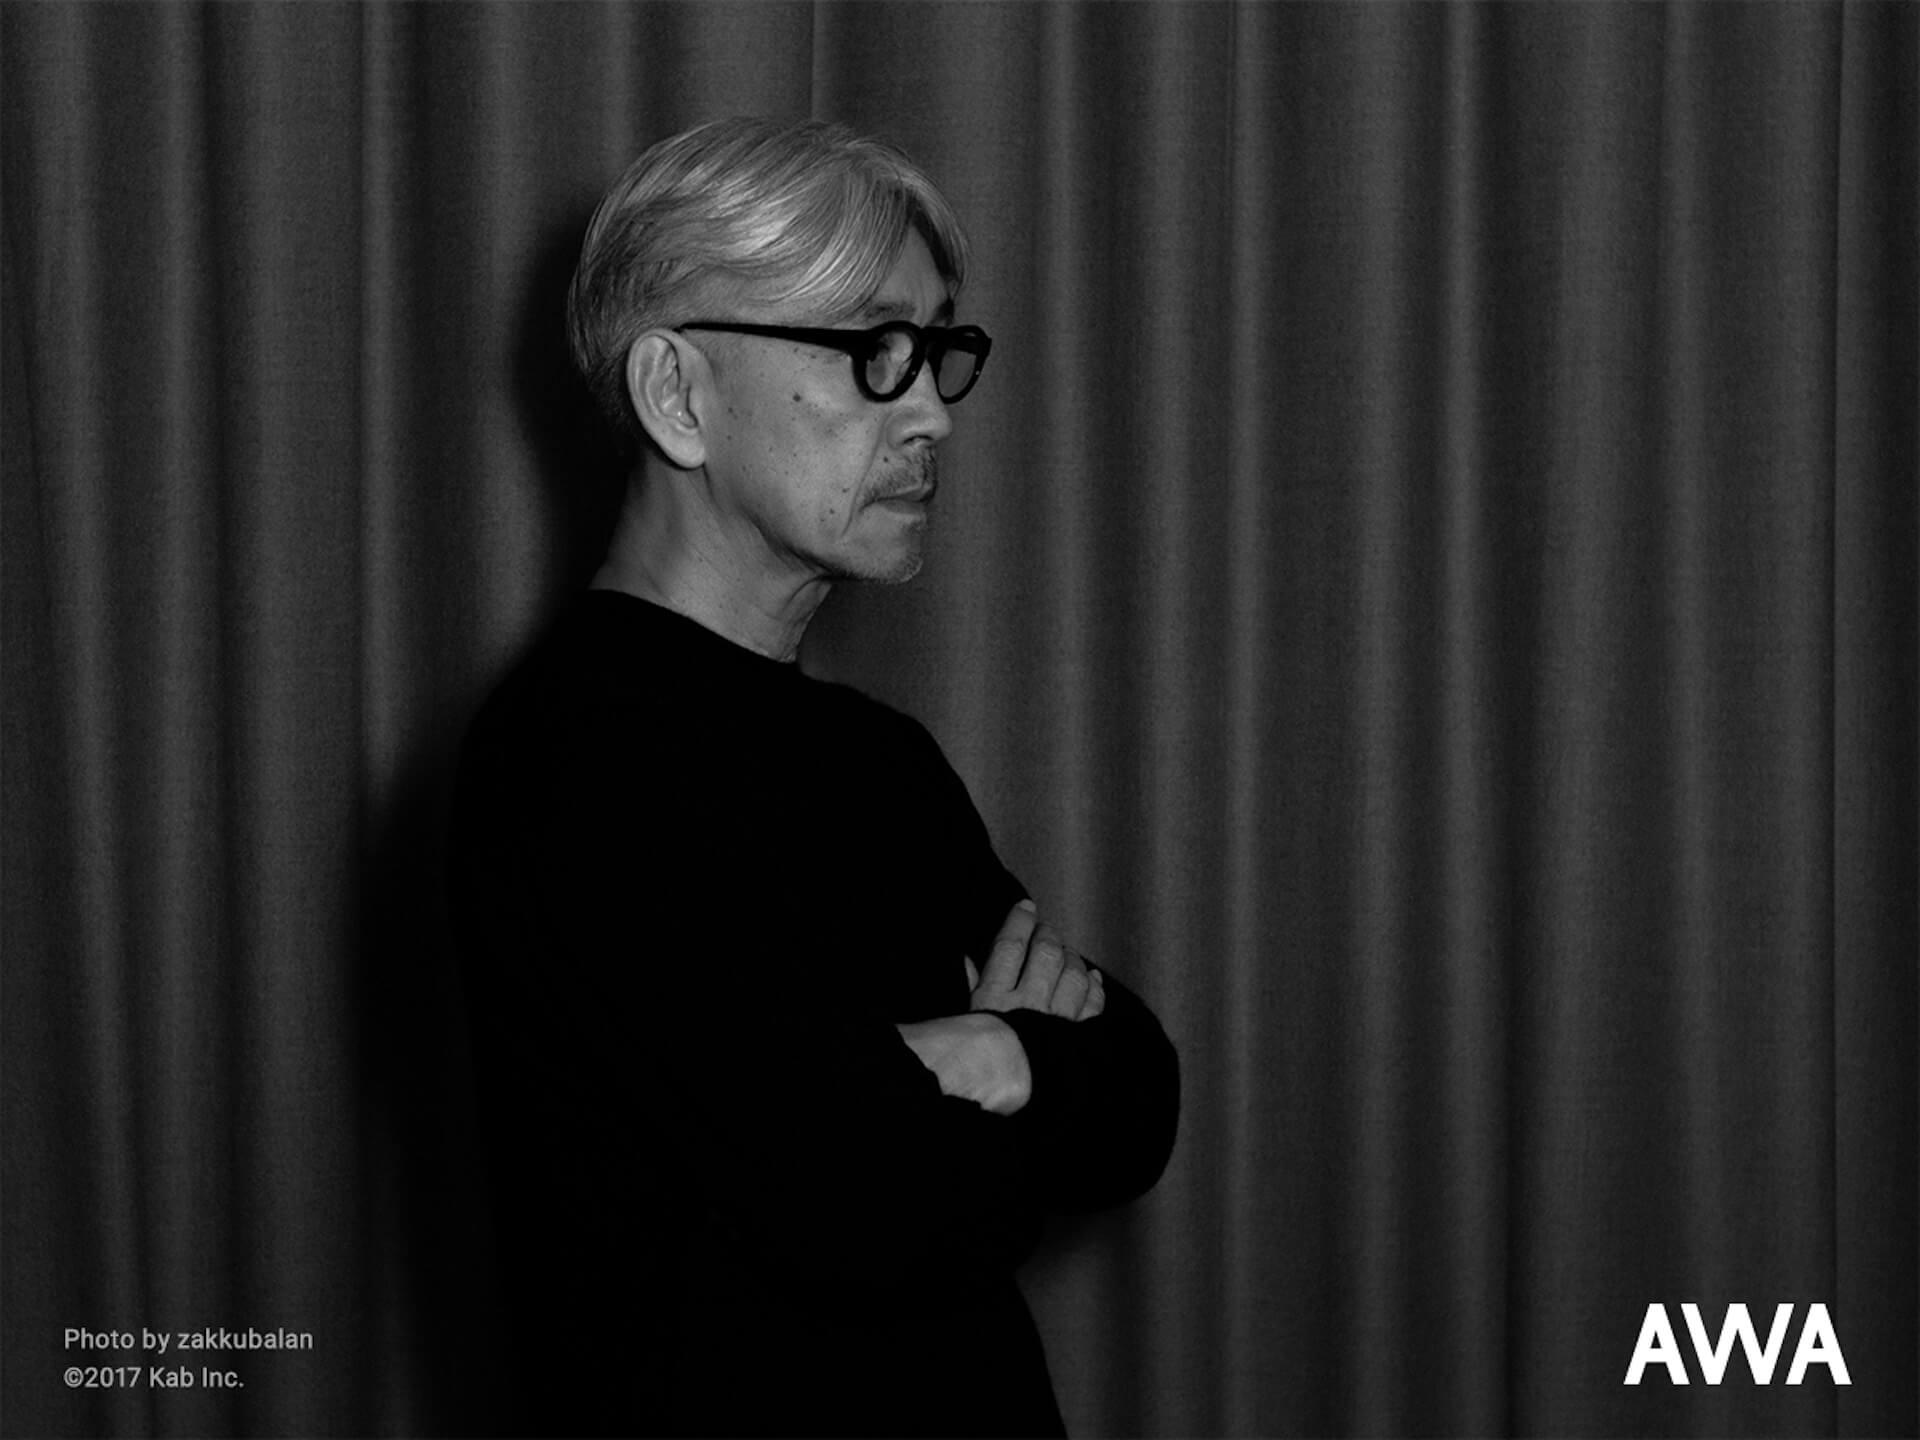 坂本龍一が配信した一夜限りのプレミアムライブ音源がAWAにて本日独占配信開始! music200420_sakamotoryuichi_awa_main